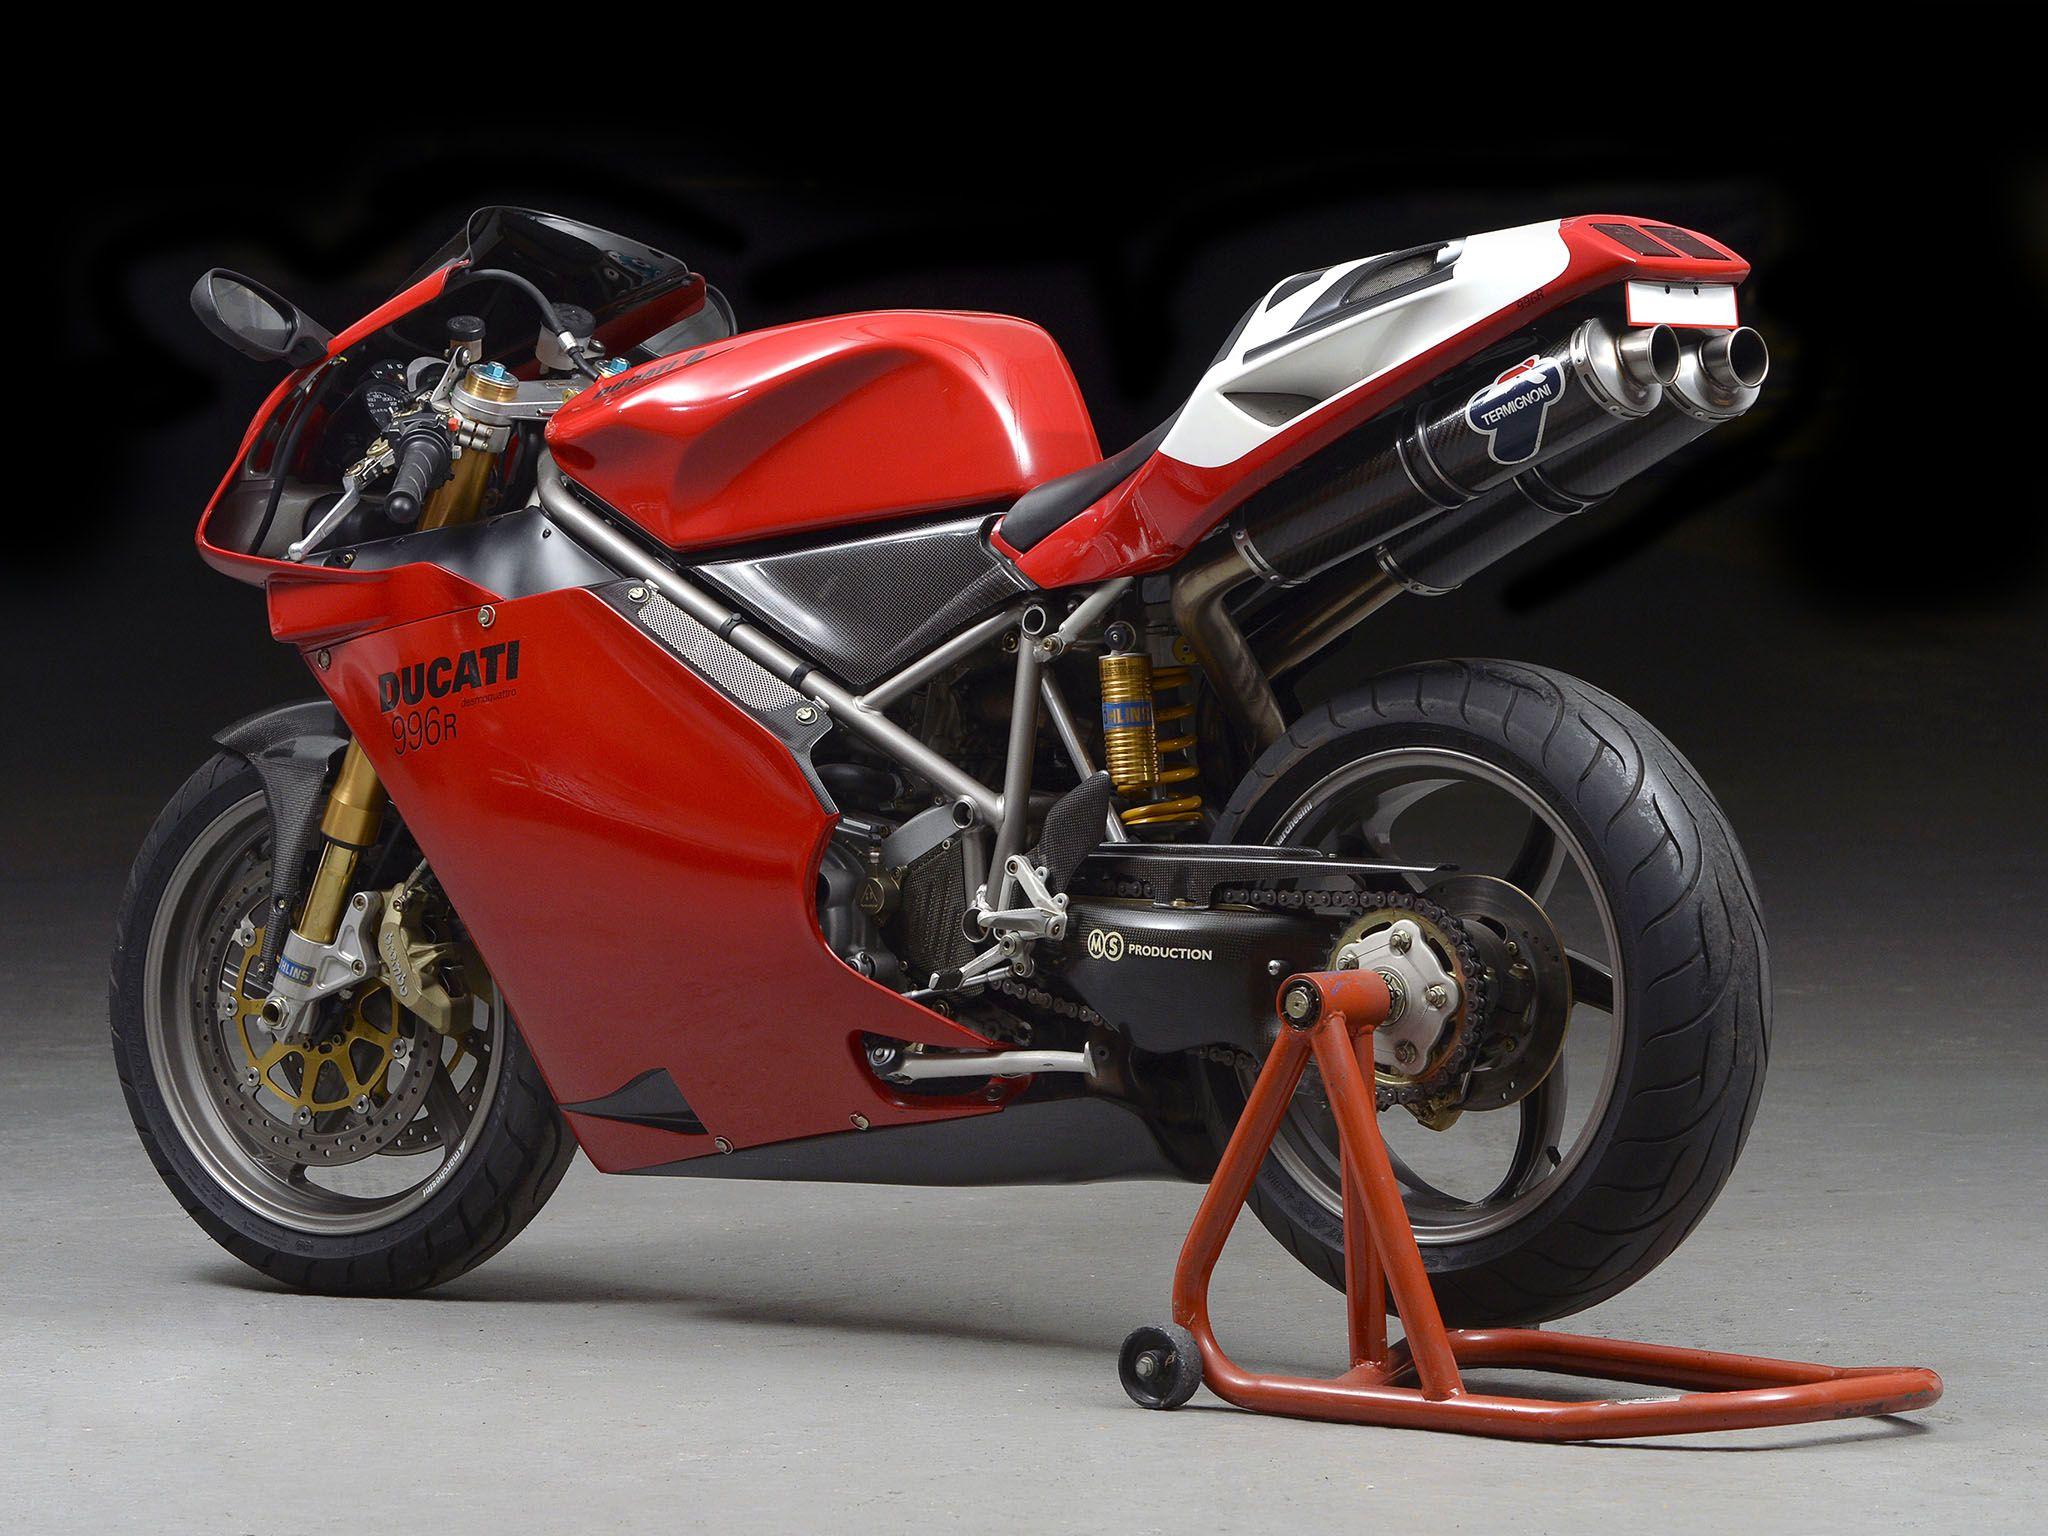 1199 panigale Ducati Italian Flag Reflector Hypermotard diavel 748-1098